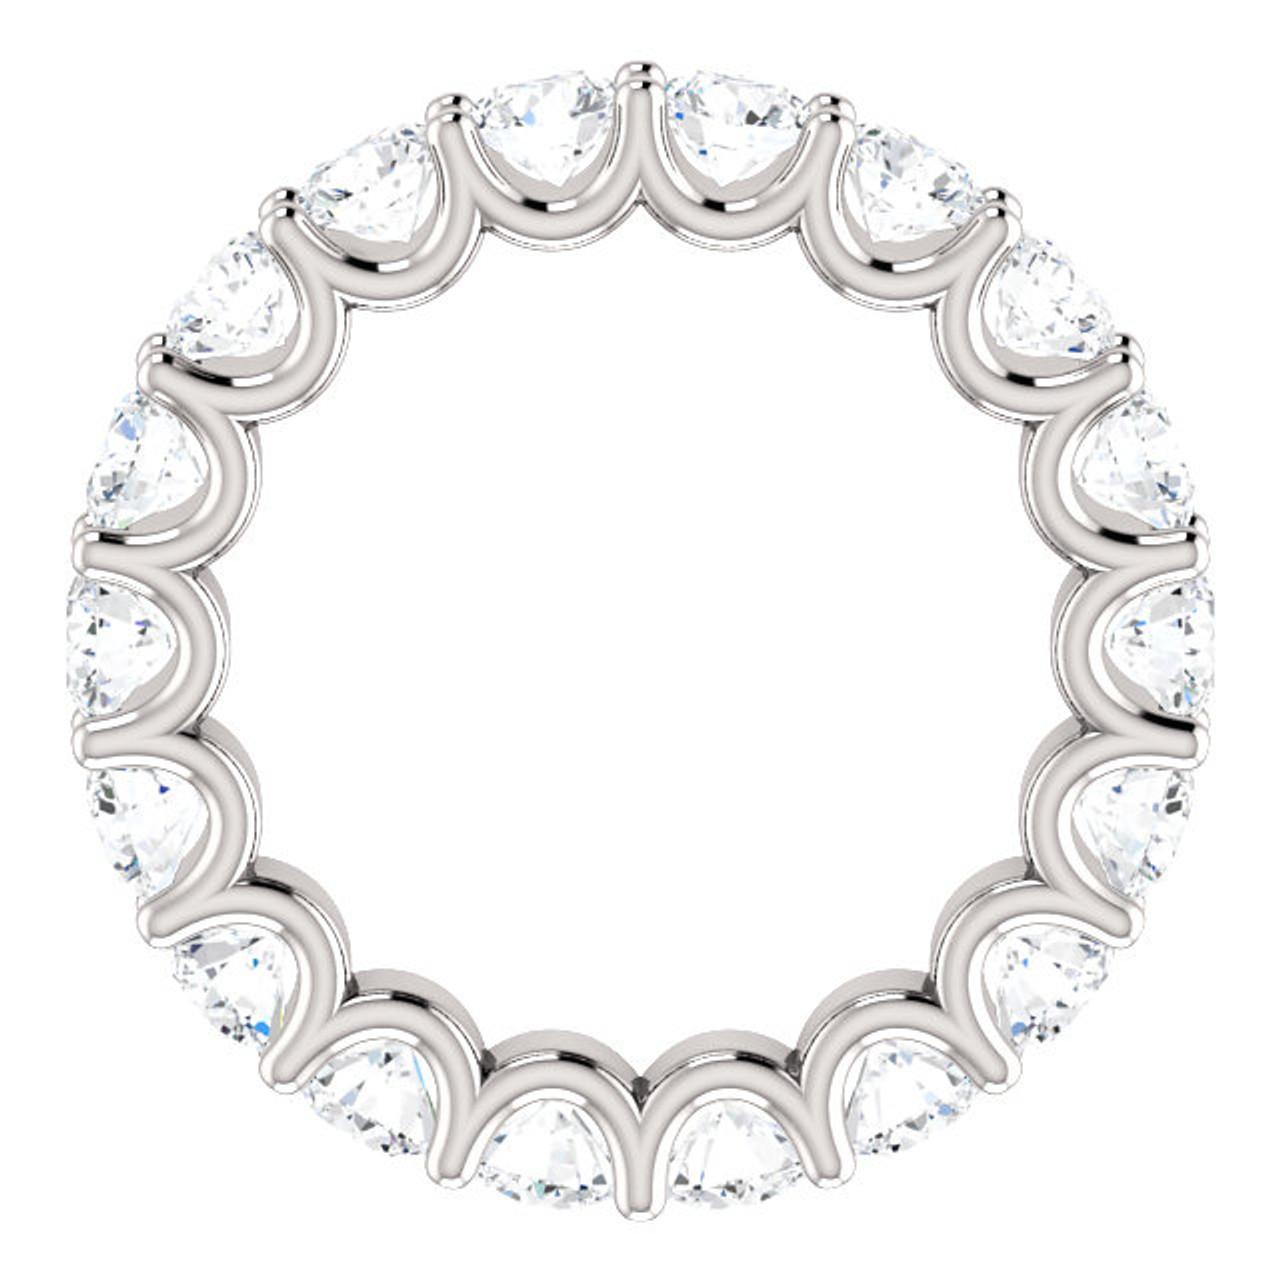 6c499edadccfd0 3 1/2 cttw Diamond Eternity Ring U Prong 14k White Gold Wedding Band